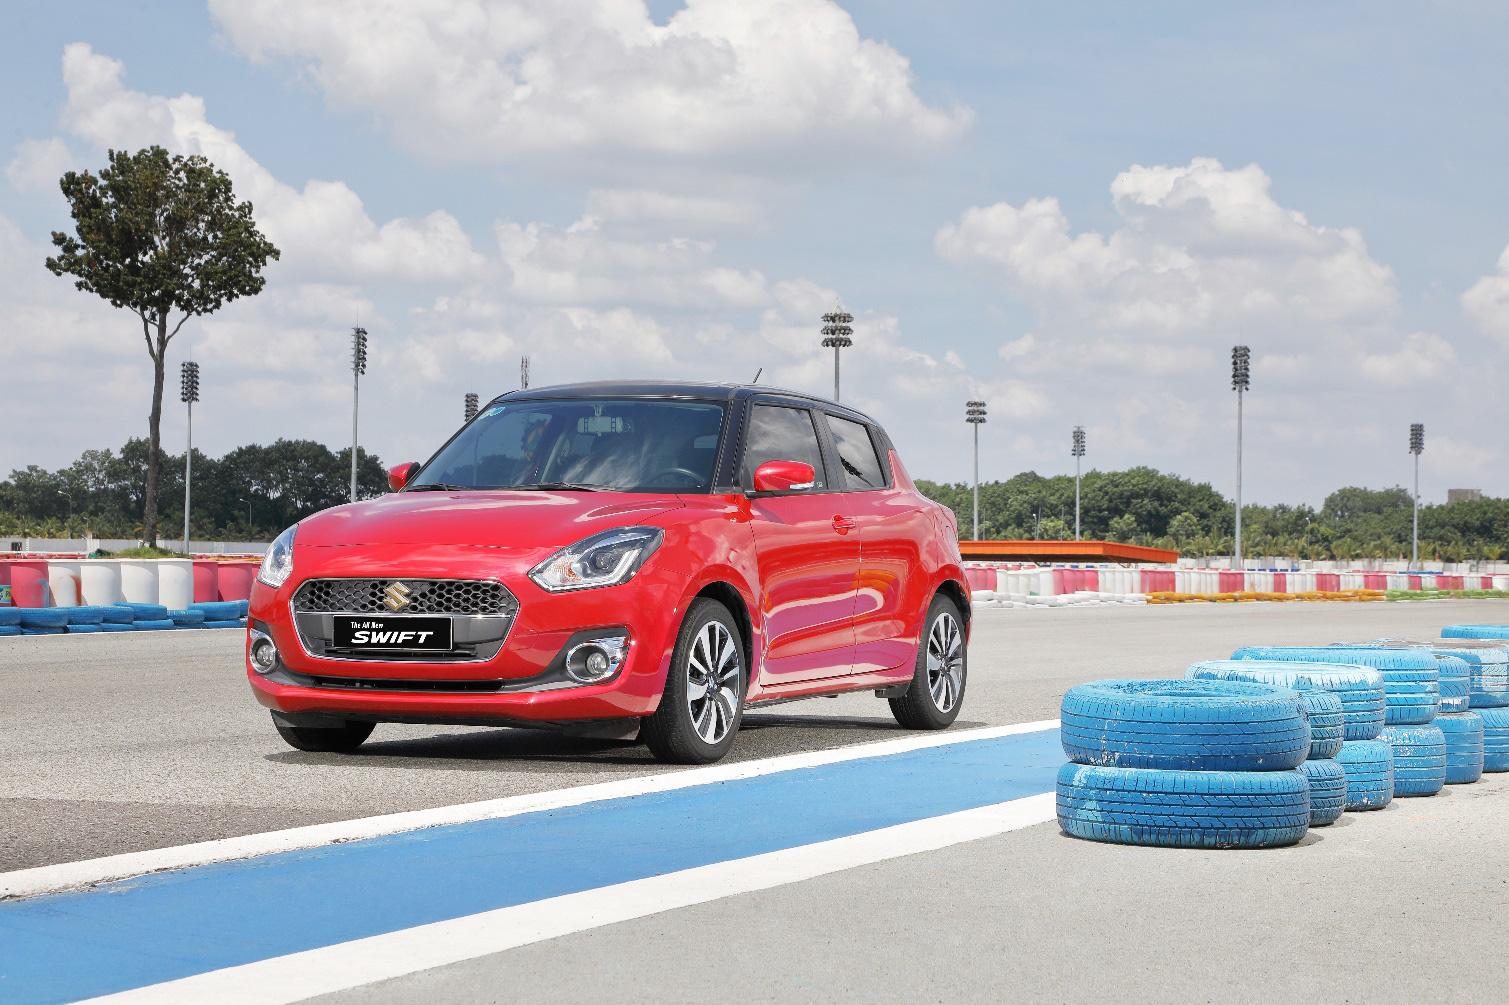 Suzuki Swift - Hatchback thời trang mang thiết kế châu Âu - Ảnh 7.